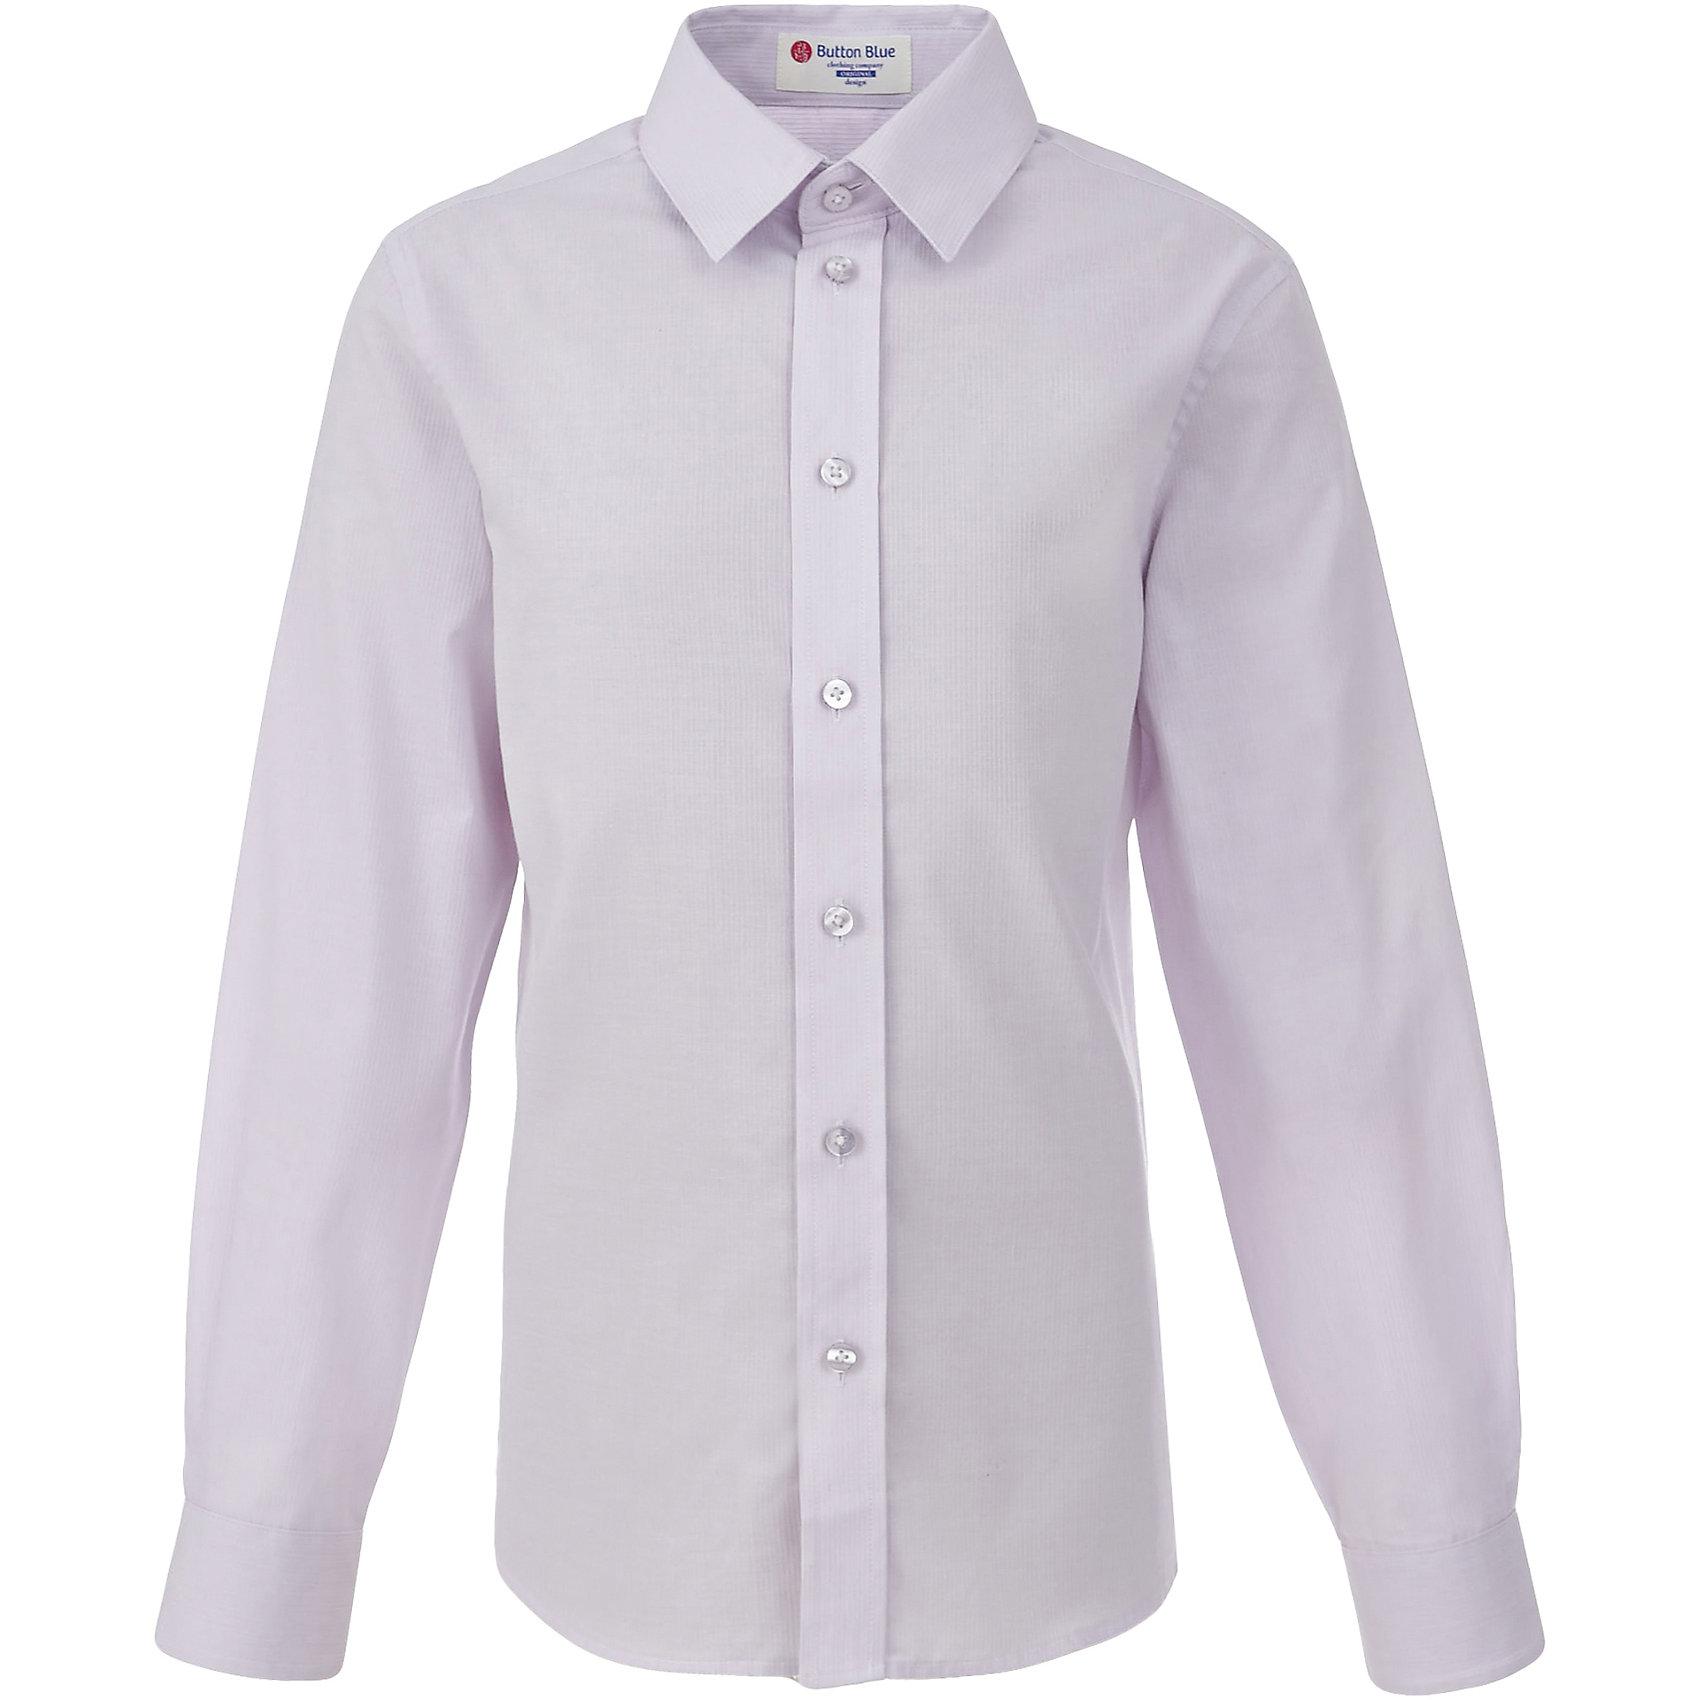 Рубашка для мальчика BUTTON BLUEБлузки и рубашки<br>Рубашка для мальчика BUTTON BLUE<br>Рубашка для мальчика - основа повседневного школьного образа! Школьные рубашки от Button Blue - это качество и комфорт, отличный внешний вид, удобство в уходе, высокая износостойкость. Какая детская рубашка для школы займет место в гардеробе вашего ребенка - зависит только от вас! Готовясь к школьному сезону, вам стоит купить рубашки в трех-четырех цветах, чтобы разнообразить будни ученика.<br>Состав:<br>60% хлопок                40% полиэстер<br><br>Ширина мм: 174<br>Глубина мм: 10<br>Высота мм: 169<br>Вес г: 157<br>Цвет: лиловый<br>Возраст от месяцев: 132<br>Возраст до месяцев: 144<br>Пол: Мужской<br>Возраст: Детский<br>Размер: 152,158,164,122,128,134,140,146<br>SKU: 6739126